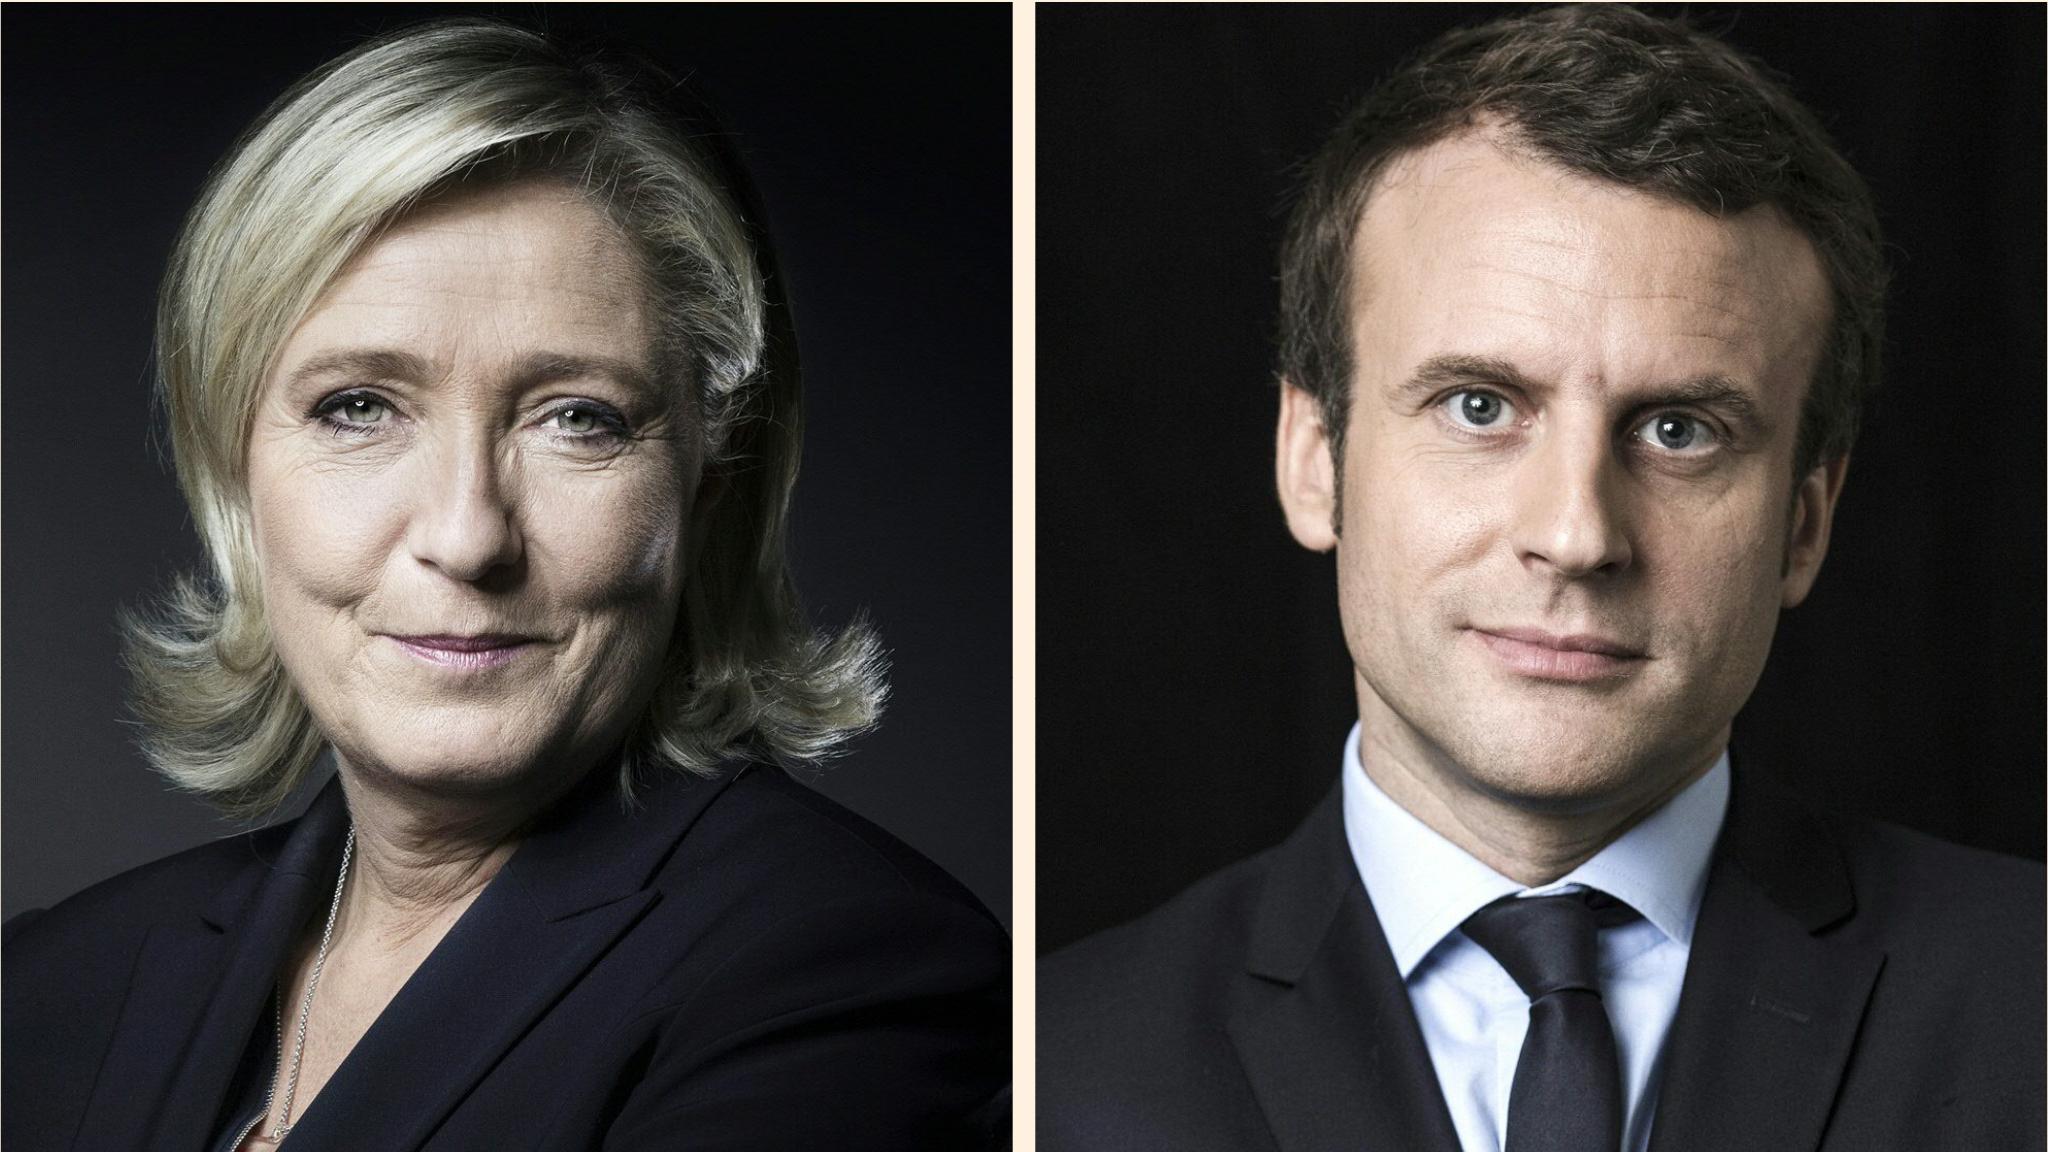 France elections 2017 live - Fr_lepen_macron